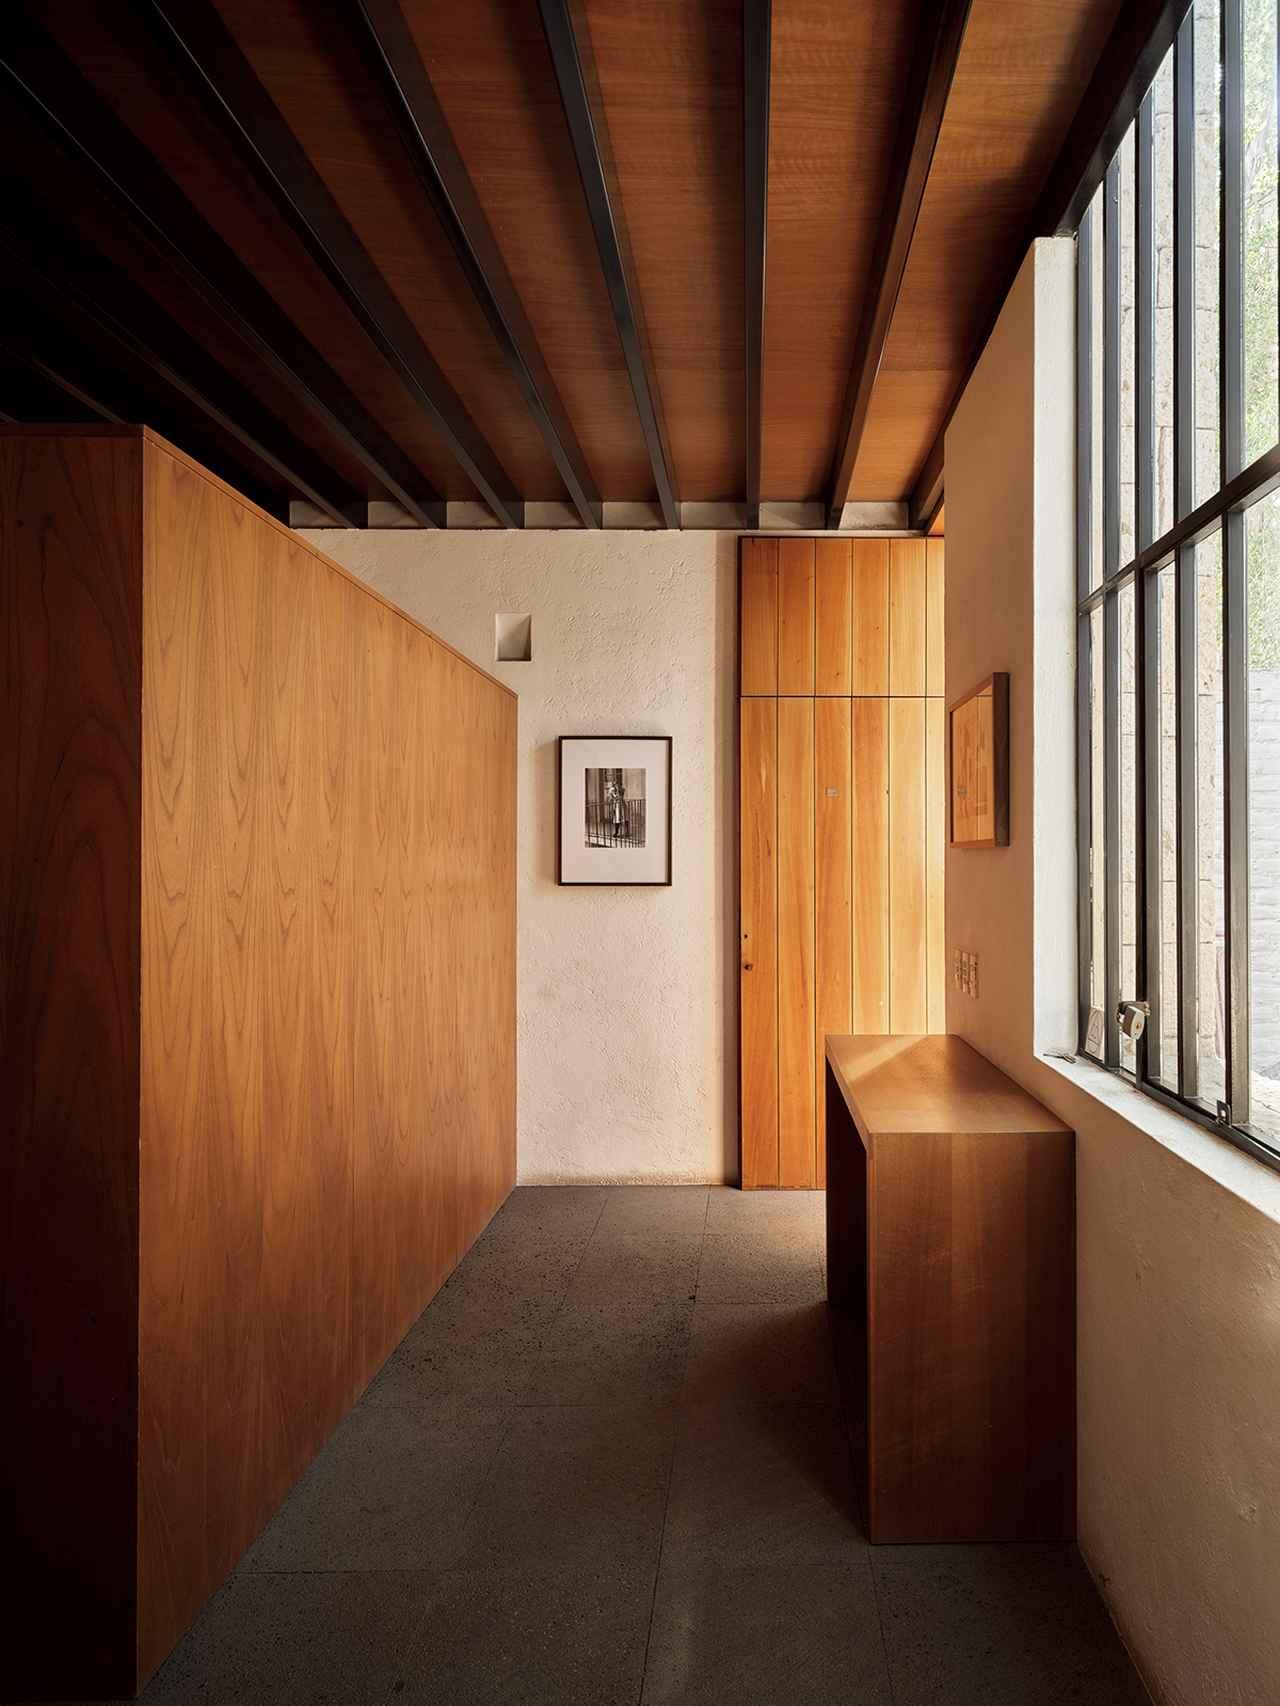 Images : 1番目の画像 - 「伝統と新風が共存する メキシコ第二の都市 グアダラハラの建築<後編>」のアルバム - T JAPAN:The New York Times Style Magazine 公式サイト